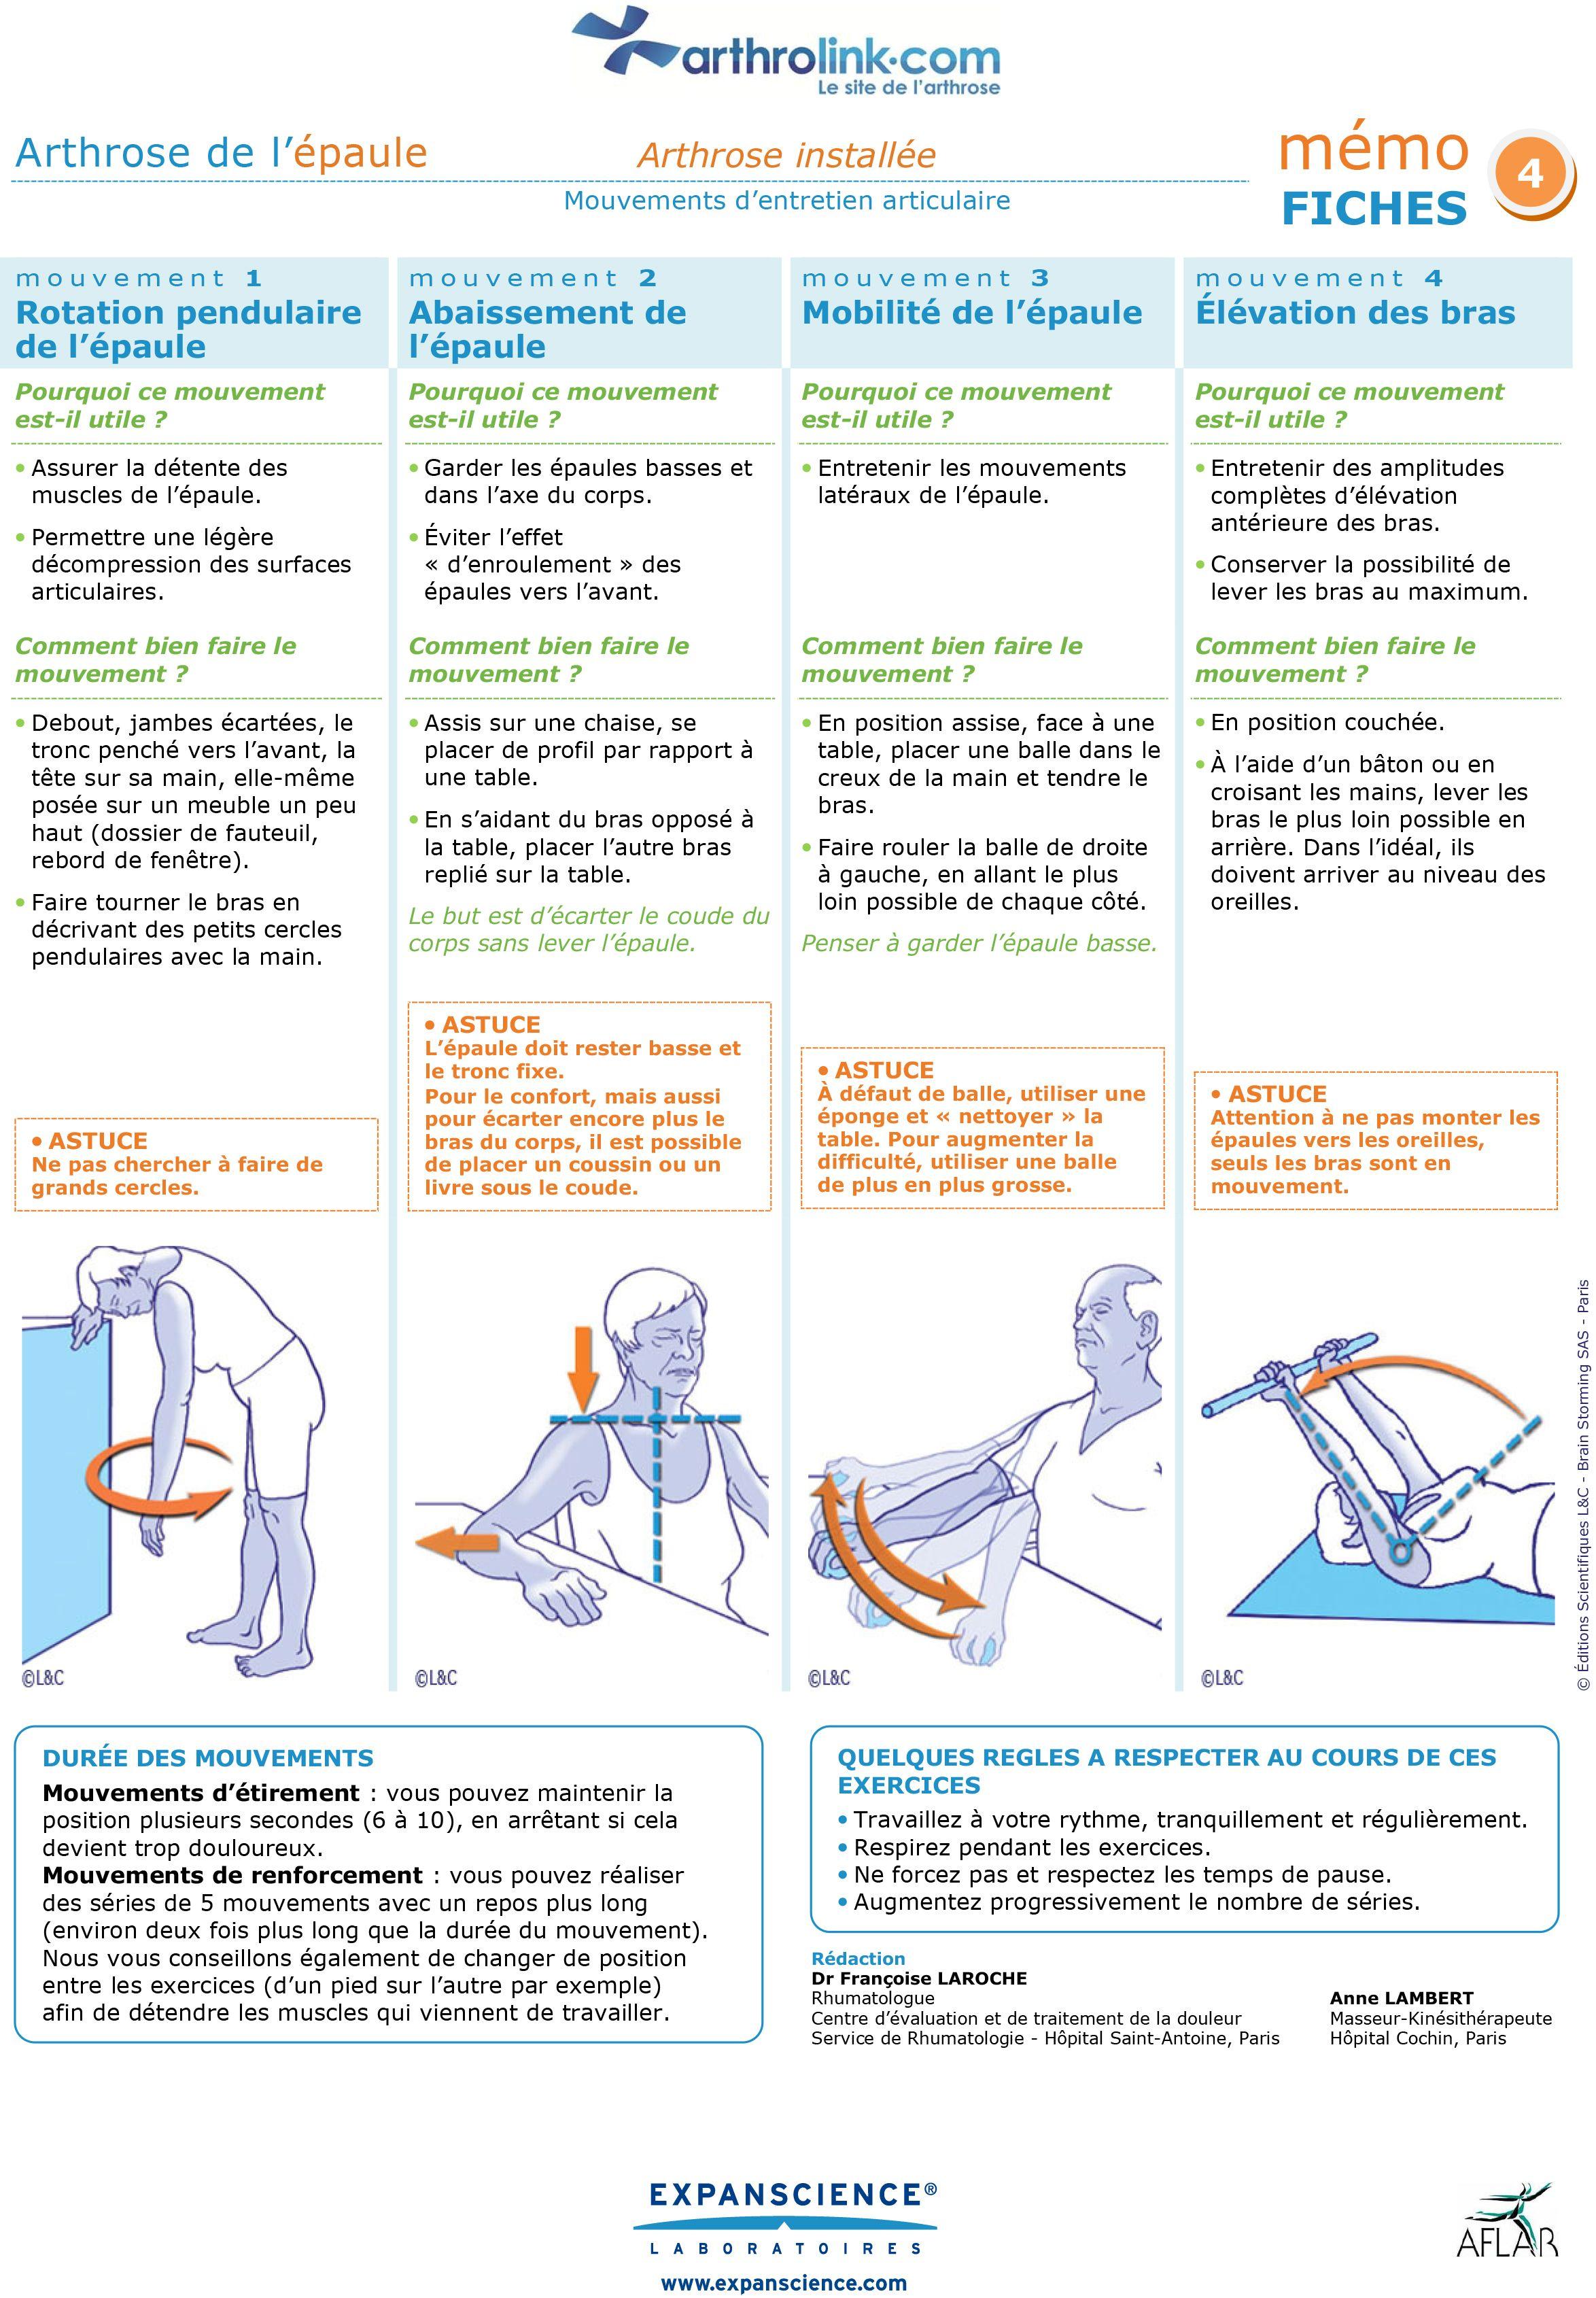 Exercices pour soulager l'arthrose installée de l'épaule